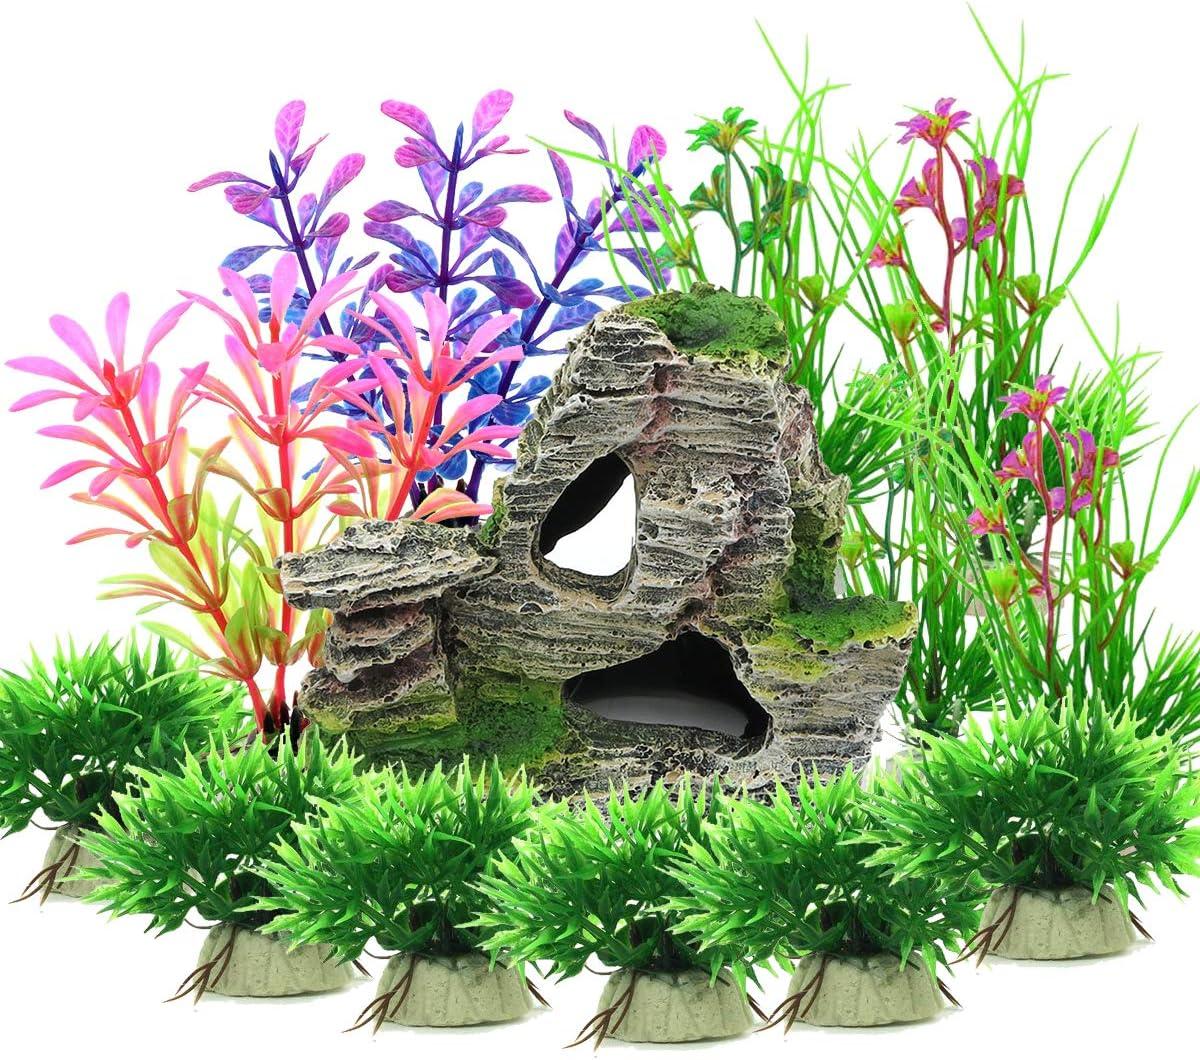 Vibury Plantas Artificiales Acuario, 13 Piezas Plantas Verdes de Acuario de plástico y Acuario, Arrecife de montaña, Cueva de Roca, Resina, pecera, decoración de Acuario